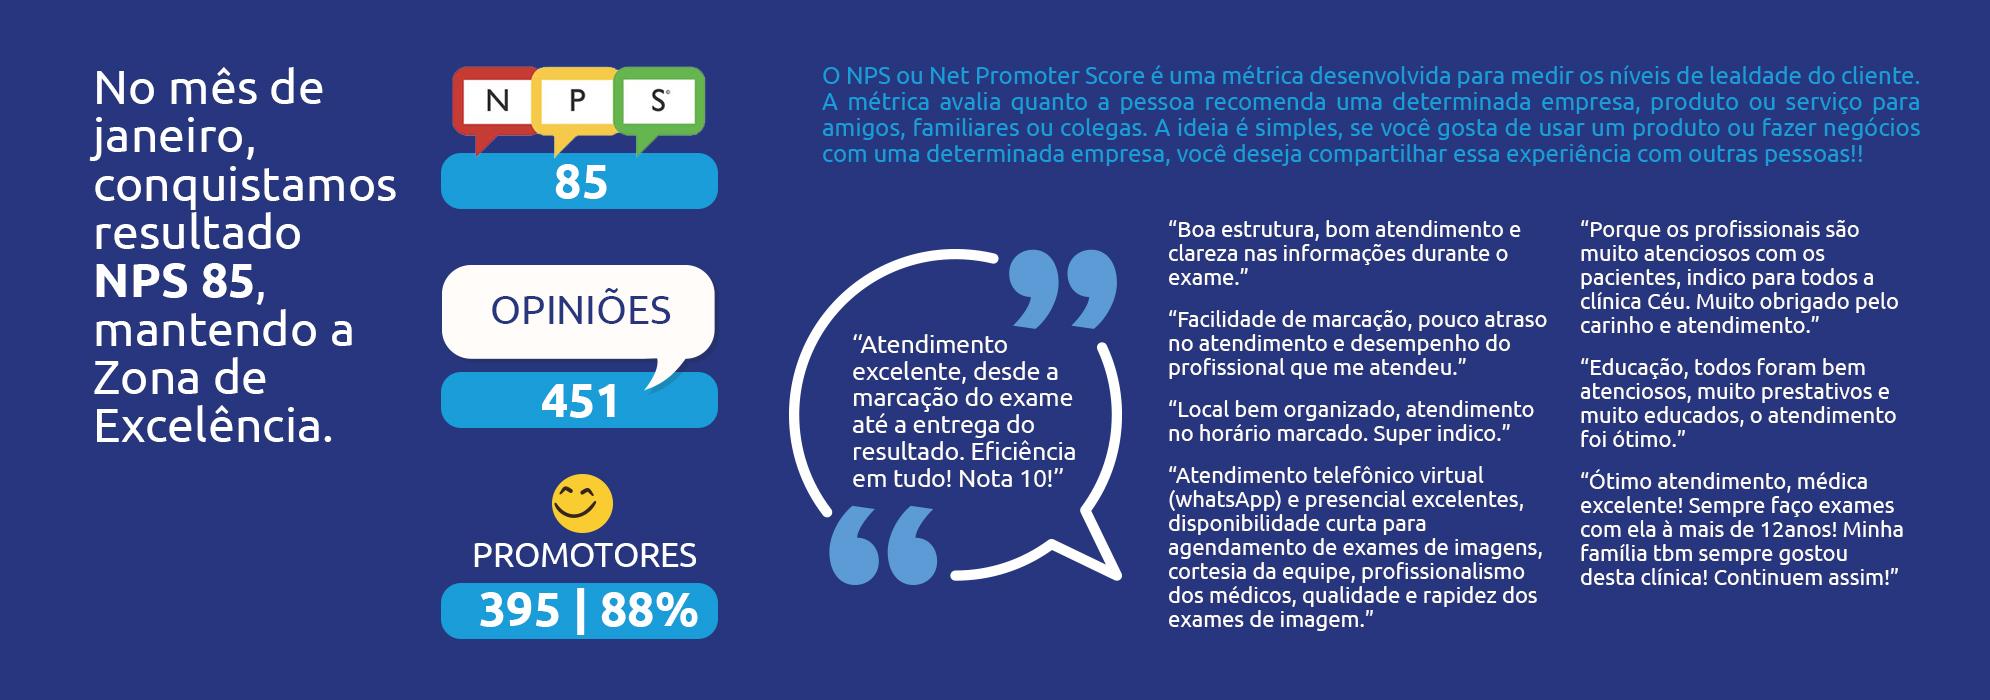 slide-nps-janeiro-clinica-ceu